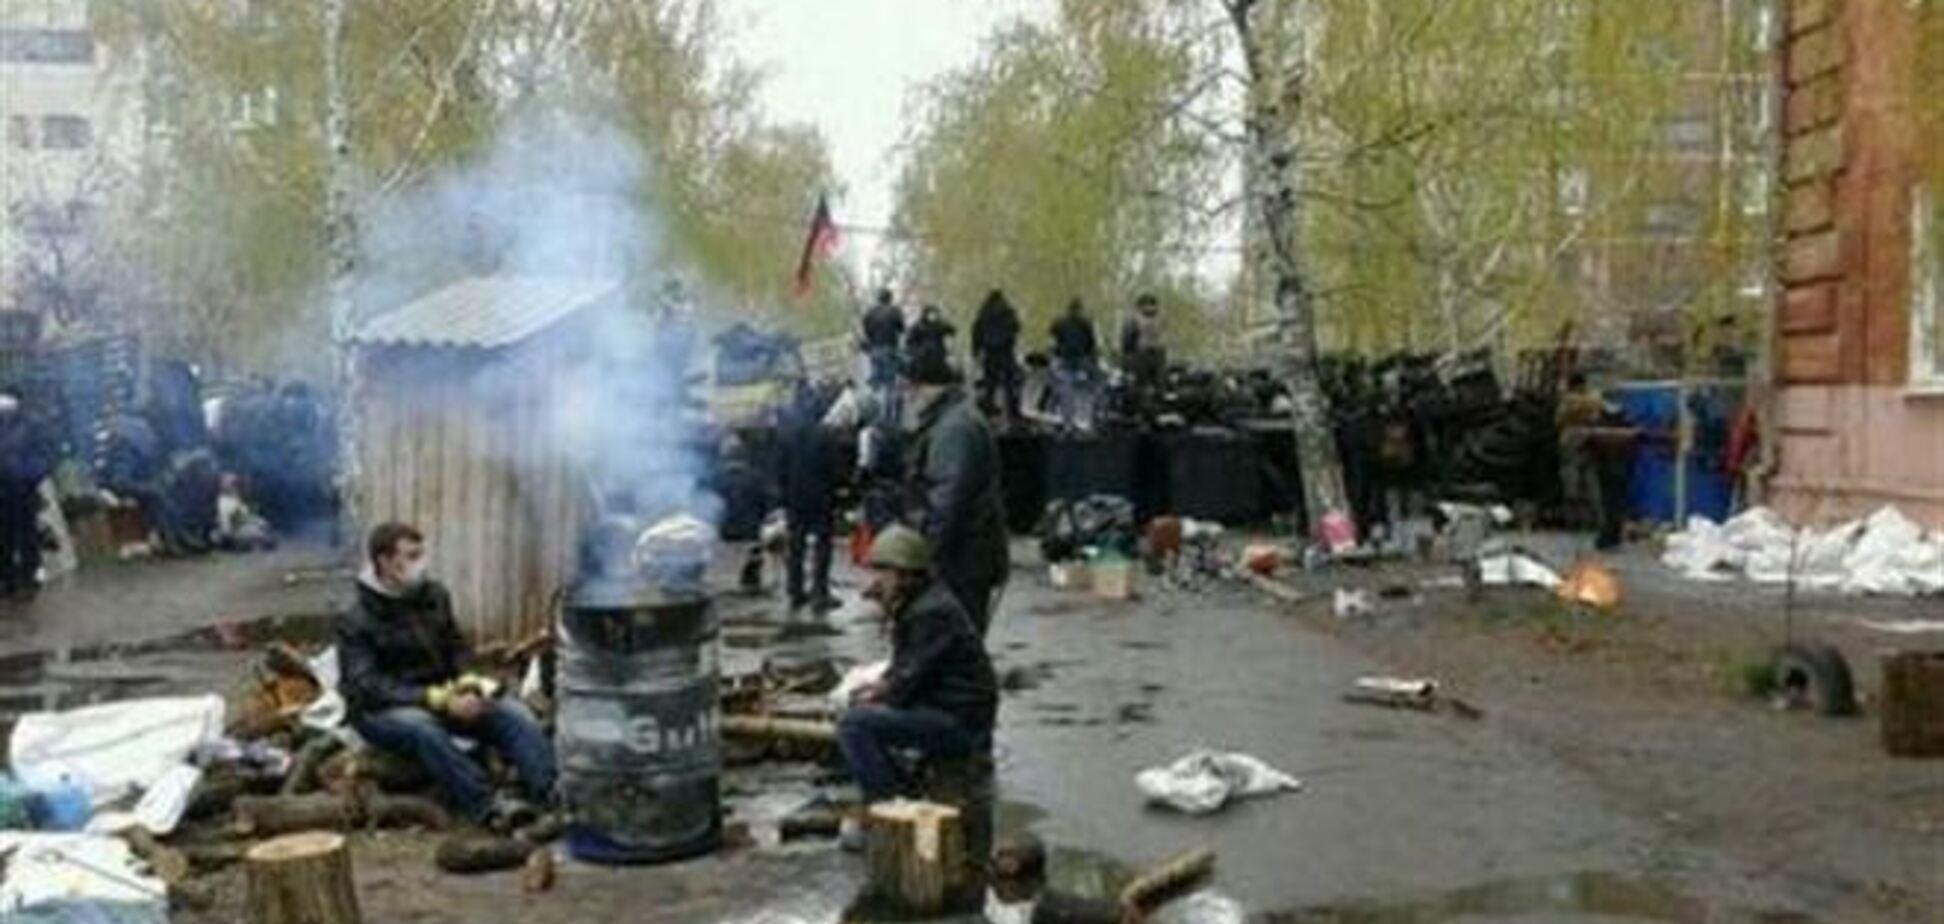 В ходе АТО в Славянске 9 человек ранены, 1 погиб - ДонОГА